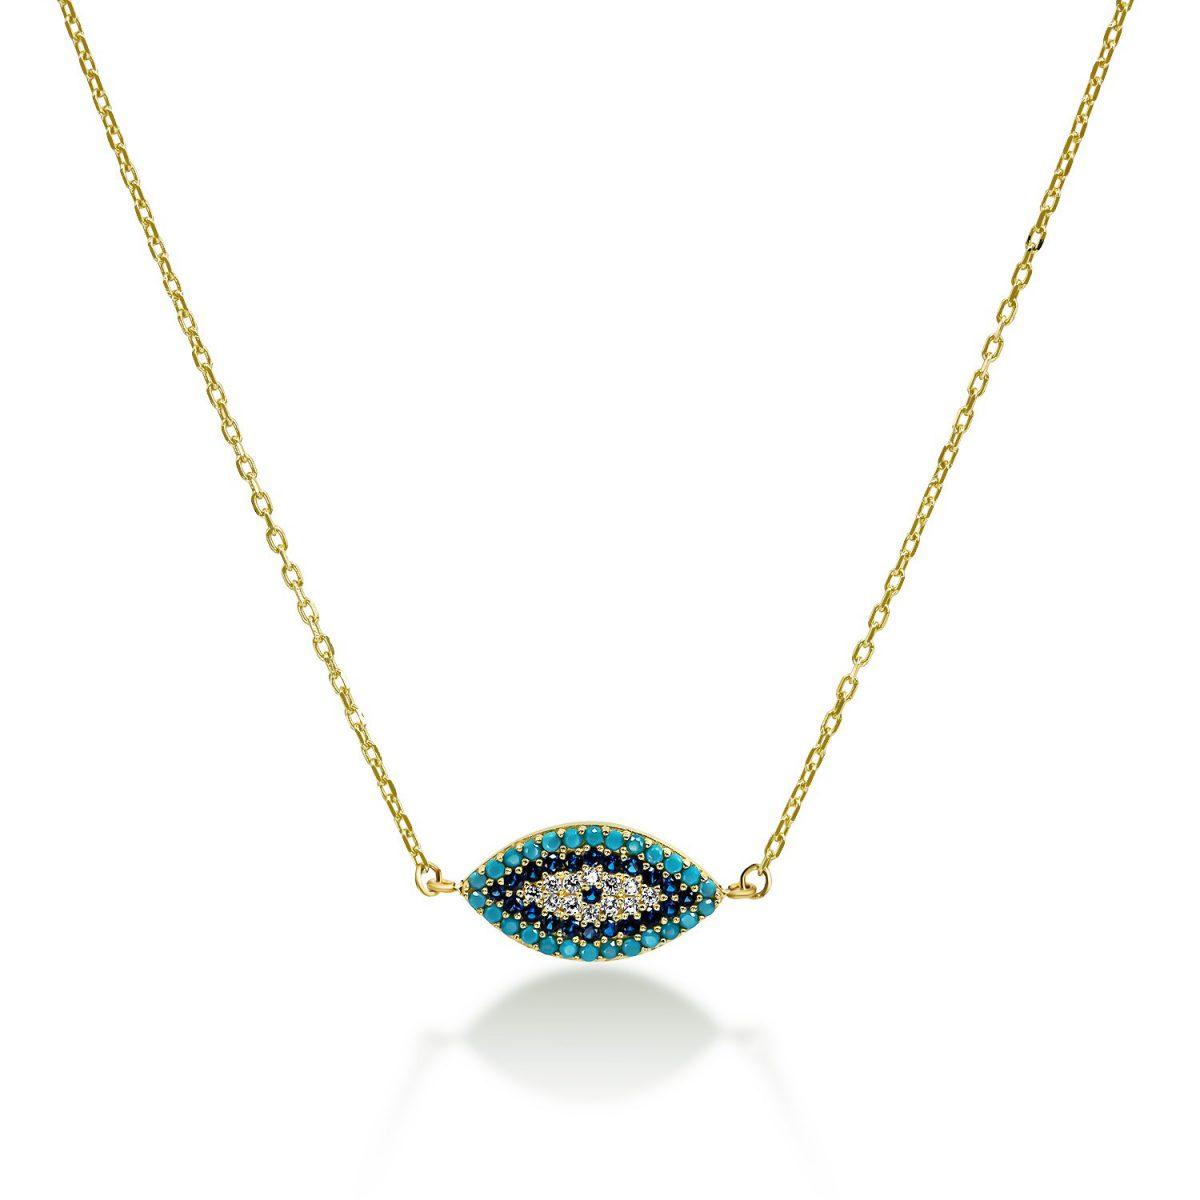 שרשרת זהב עין - טורקיז - זהב צהוב